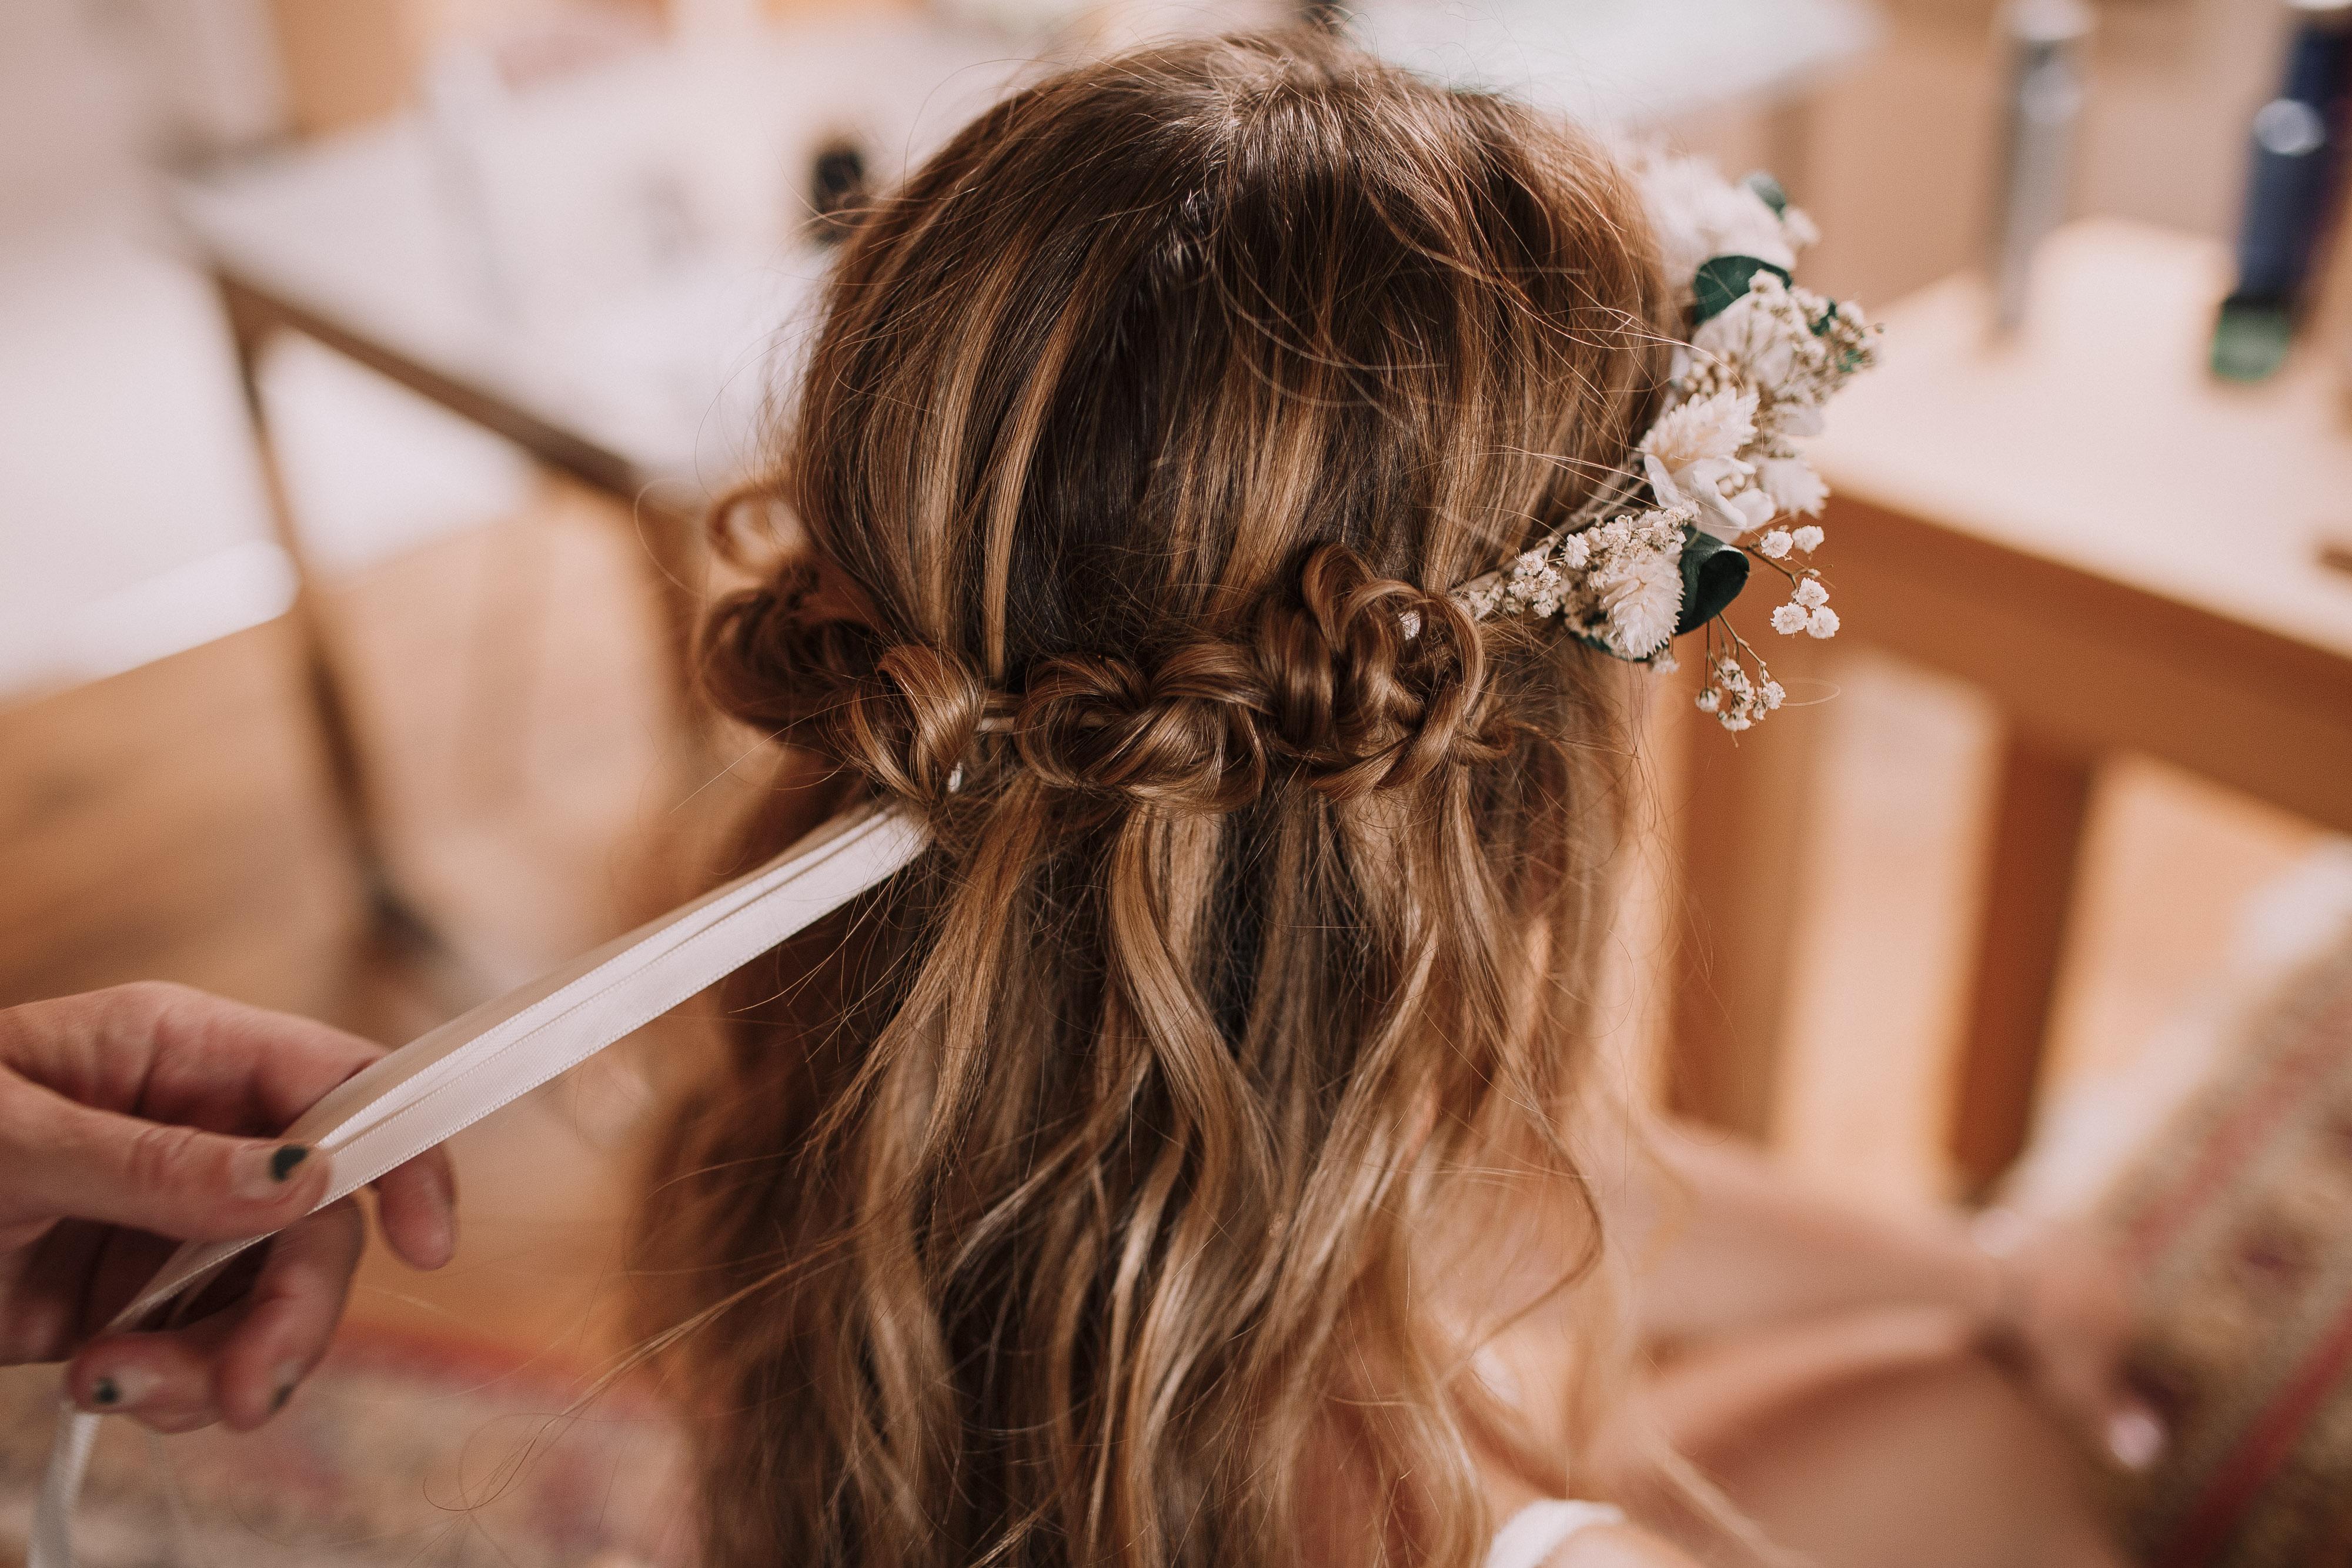 mariage folk photo jeremy boyer coiffure eglantine reigniez